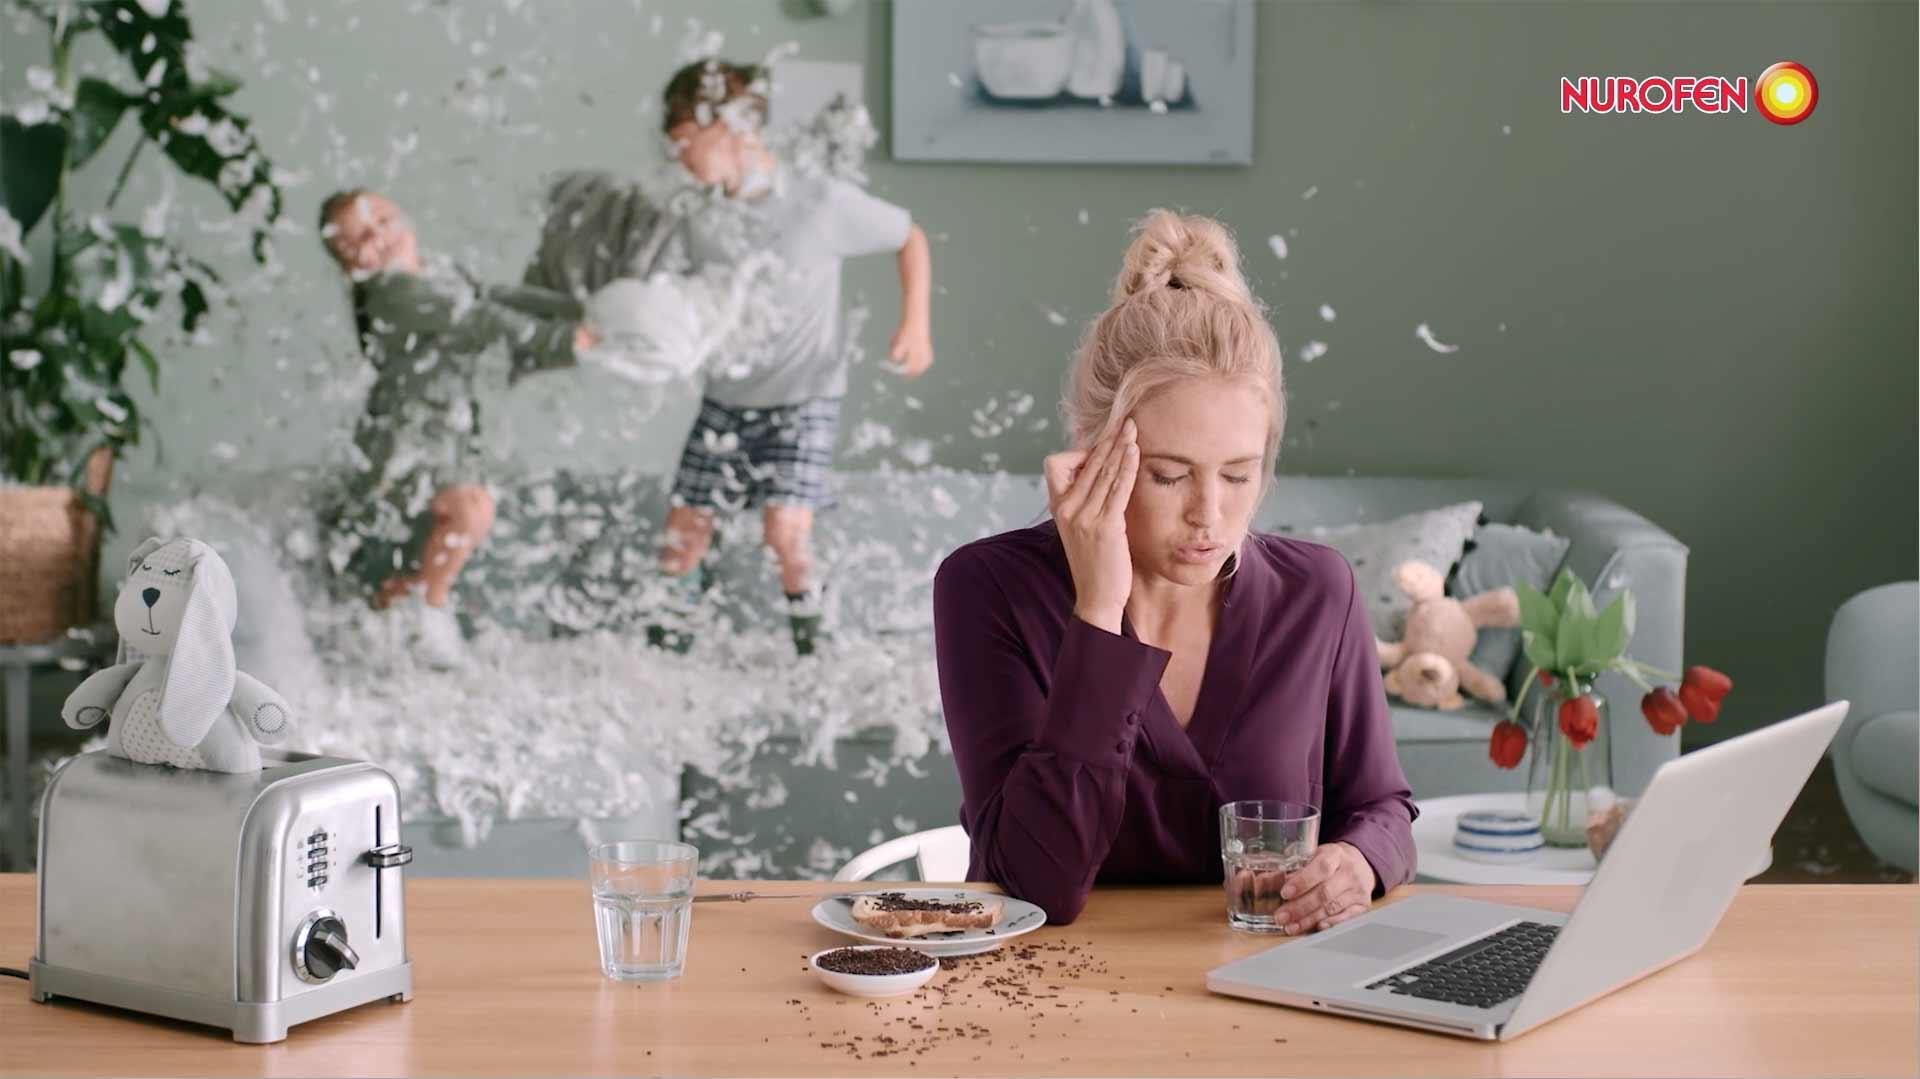 Nurofen Commercial